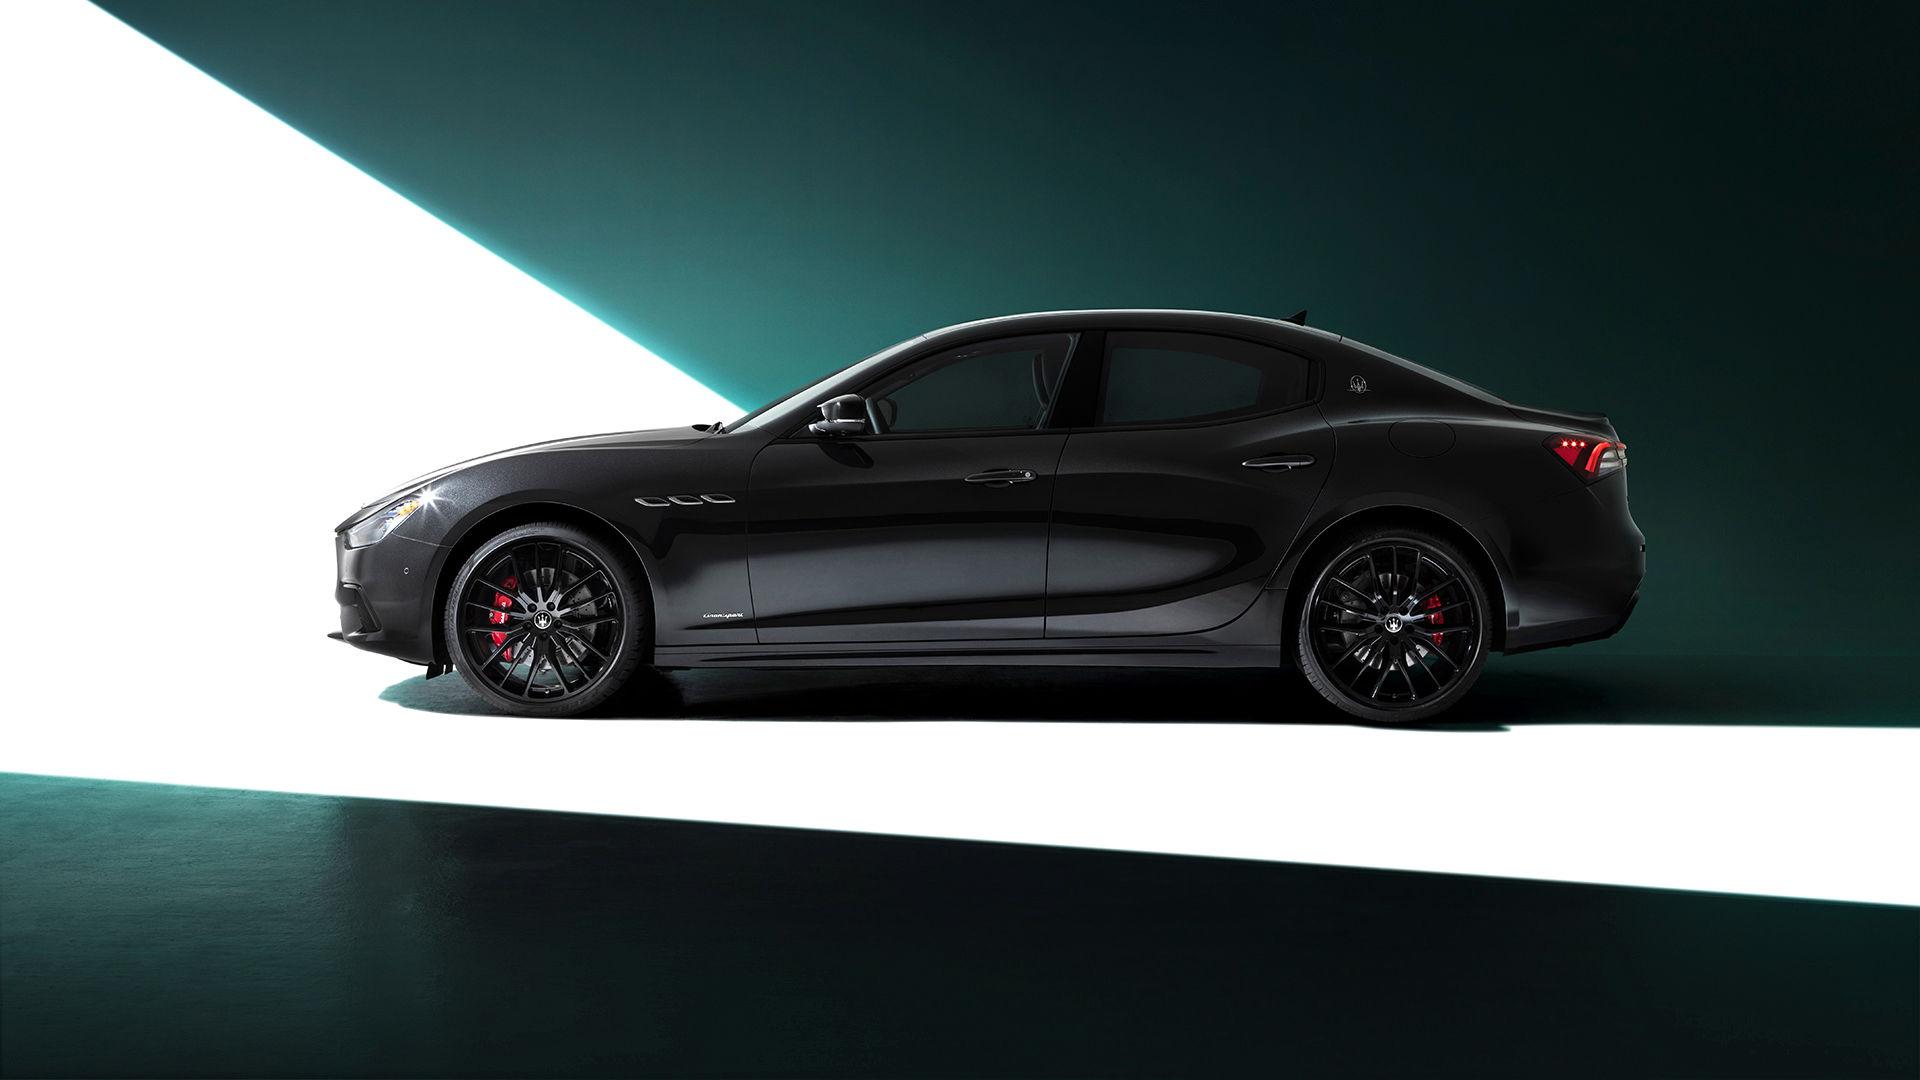 Maserati Ghibli - Gewichtsverteilung von 50:50 - Von der Seite